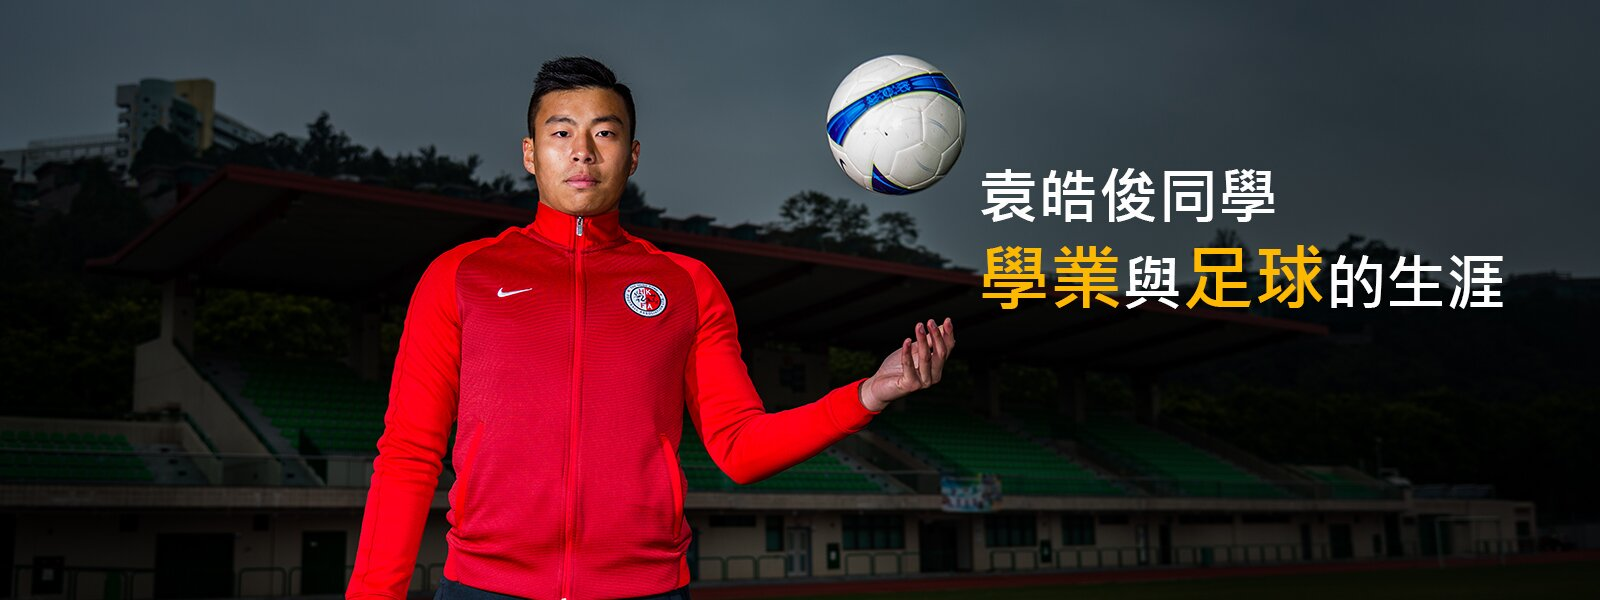 袁皓俊同學──學業與足球的生涯